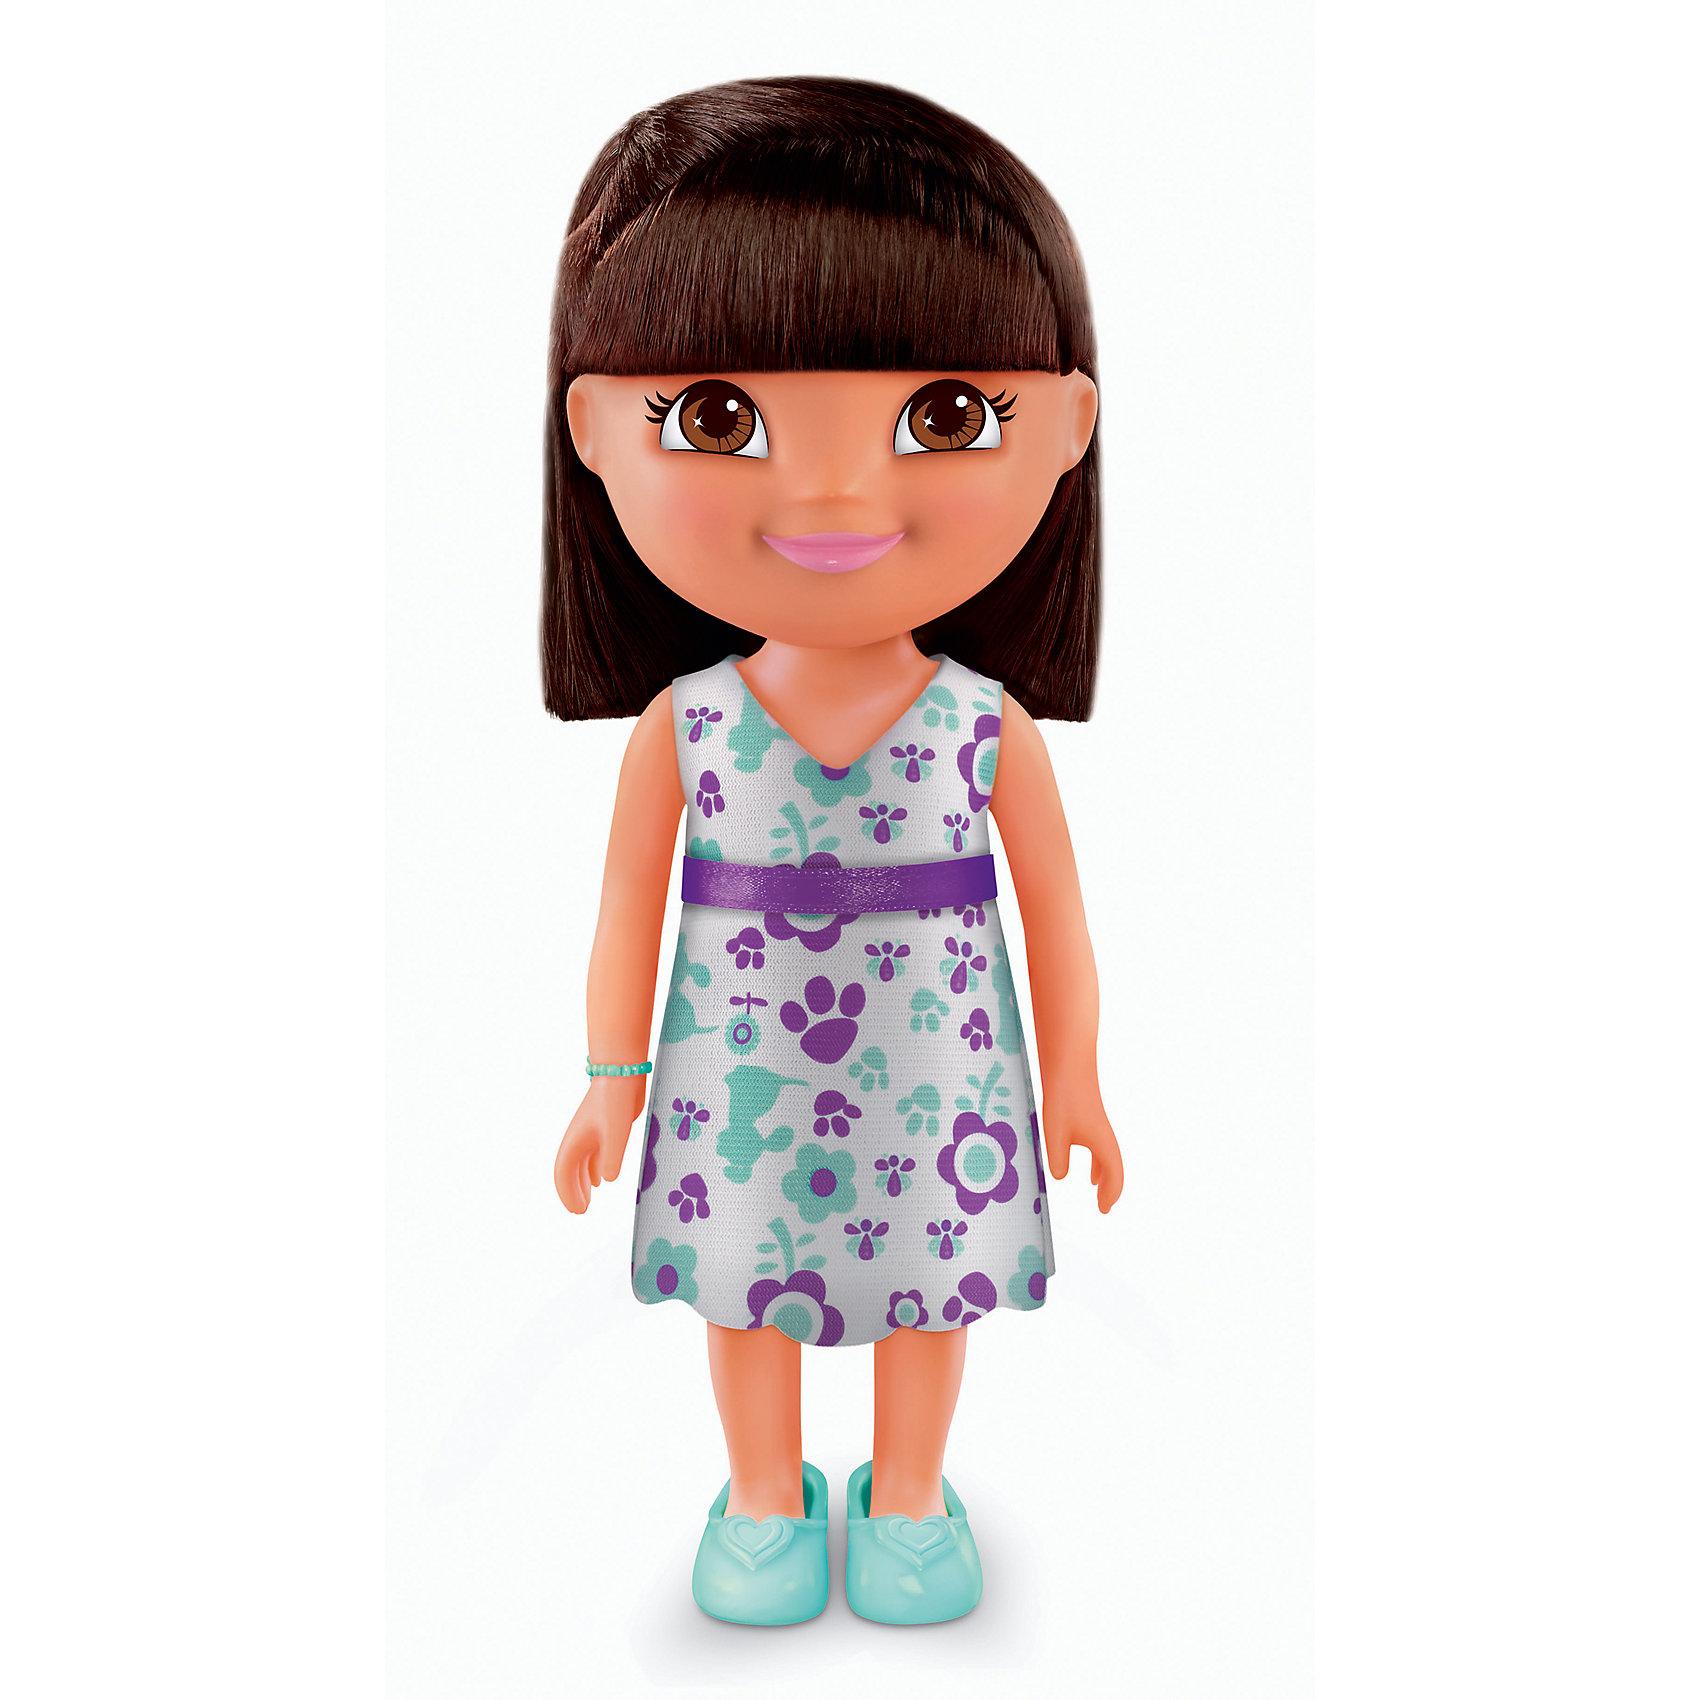 Кукла Даша-путешественница из серии Приключения каждый день, Fisher PriceКлассические куклы<br>Характеристики товара:<br><br>• возраст от 3 лет;<br>• материал: пластик, текстиль;<br>• высота куклы 22 см;<br>• размер упаковки 23х12,5х9 см;<br>• вес упаковки 238 гр.;<br>• страна производитель: Китай.<br><br>Кукла Даша-путешественница «Приключения каждый день» Fisher Price — героиня известного мультсериала про улыбчивую и любопытную Дашу, которая любит путешествовать и постоянно что-то исследовать и узнавать. Кукла одета в голубое платье с принтом, туфельки, а на руке ее любимый голубой браслет. У Даши большие глаза и мягкие темные волосы, которые можно расчесывать, заплетать и украшать. Во время увлекательной игры с куклой девочка может придумывать свои истории и сюжеты.<br><br>Куклу Дашу-путешественницу «Приключения каждый день» Fisher Price можно приобрести в нашем интернет-магазине.<br><br>Ширина мм: 125<br>Глубина мм: 90<br>Высота мм: 230<br>Вес г: 238<br>Возраст от месяцев: 36<br>Возраст до месяцев: 120<br>Пол: Женский<br>Возраст: Детский<br>SKU: 6673381